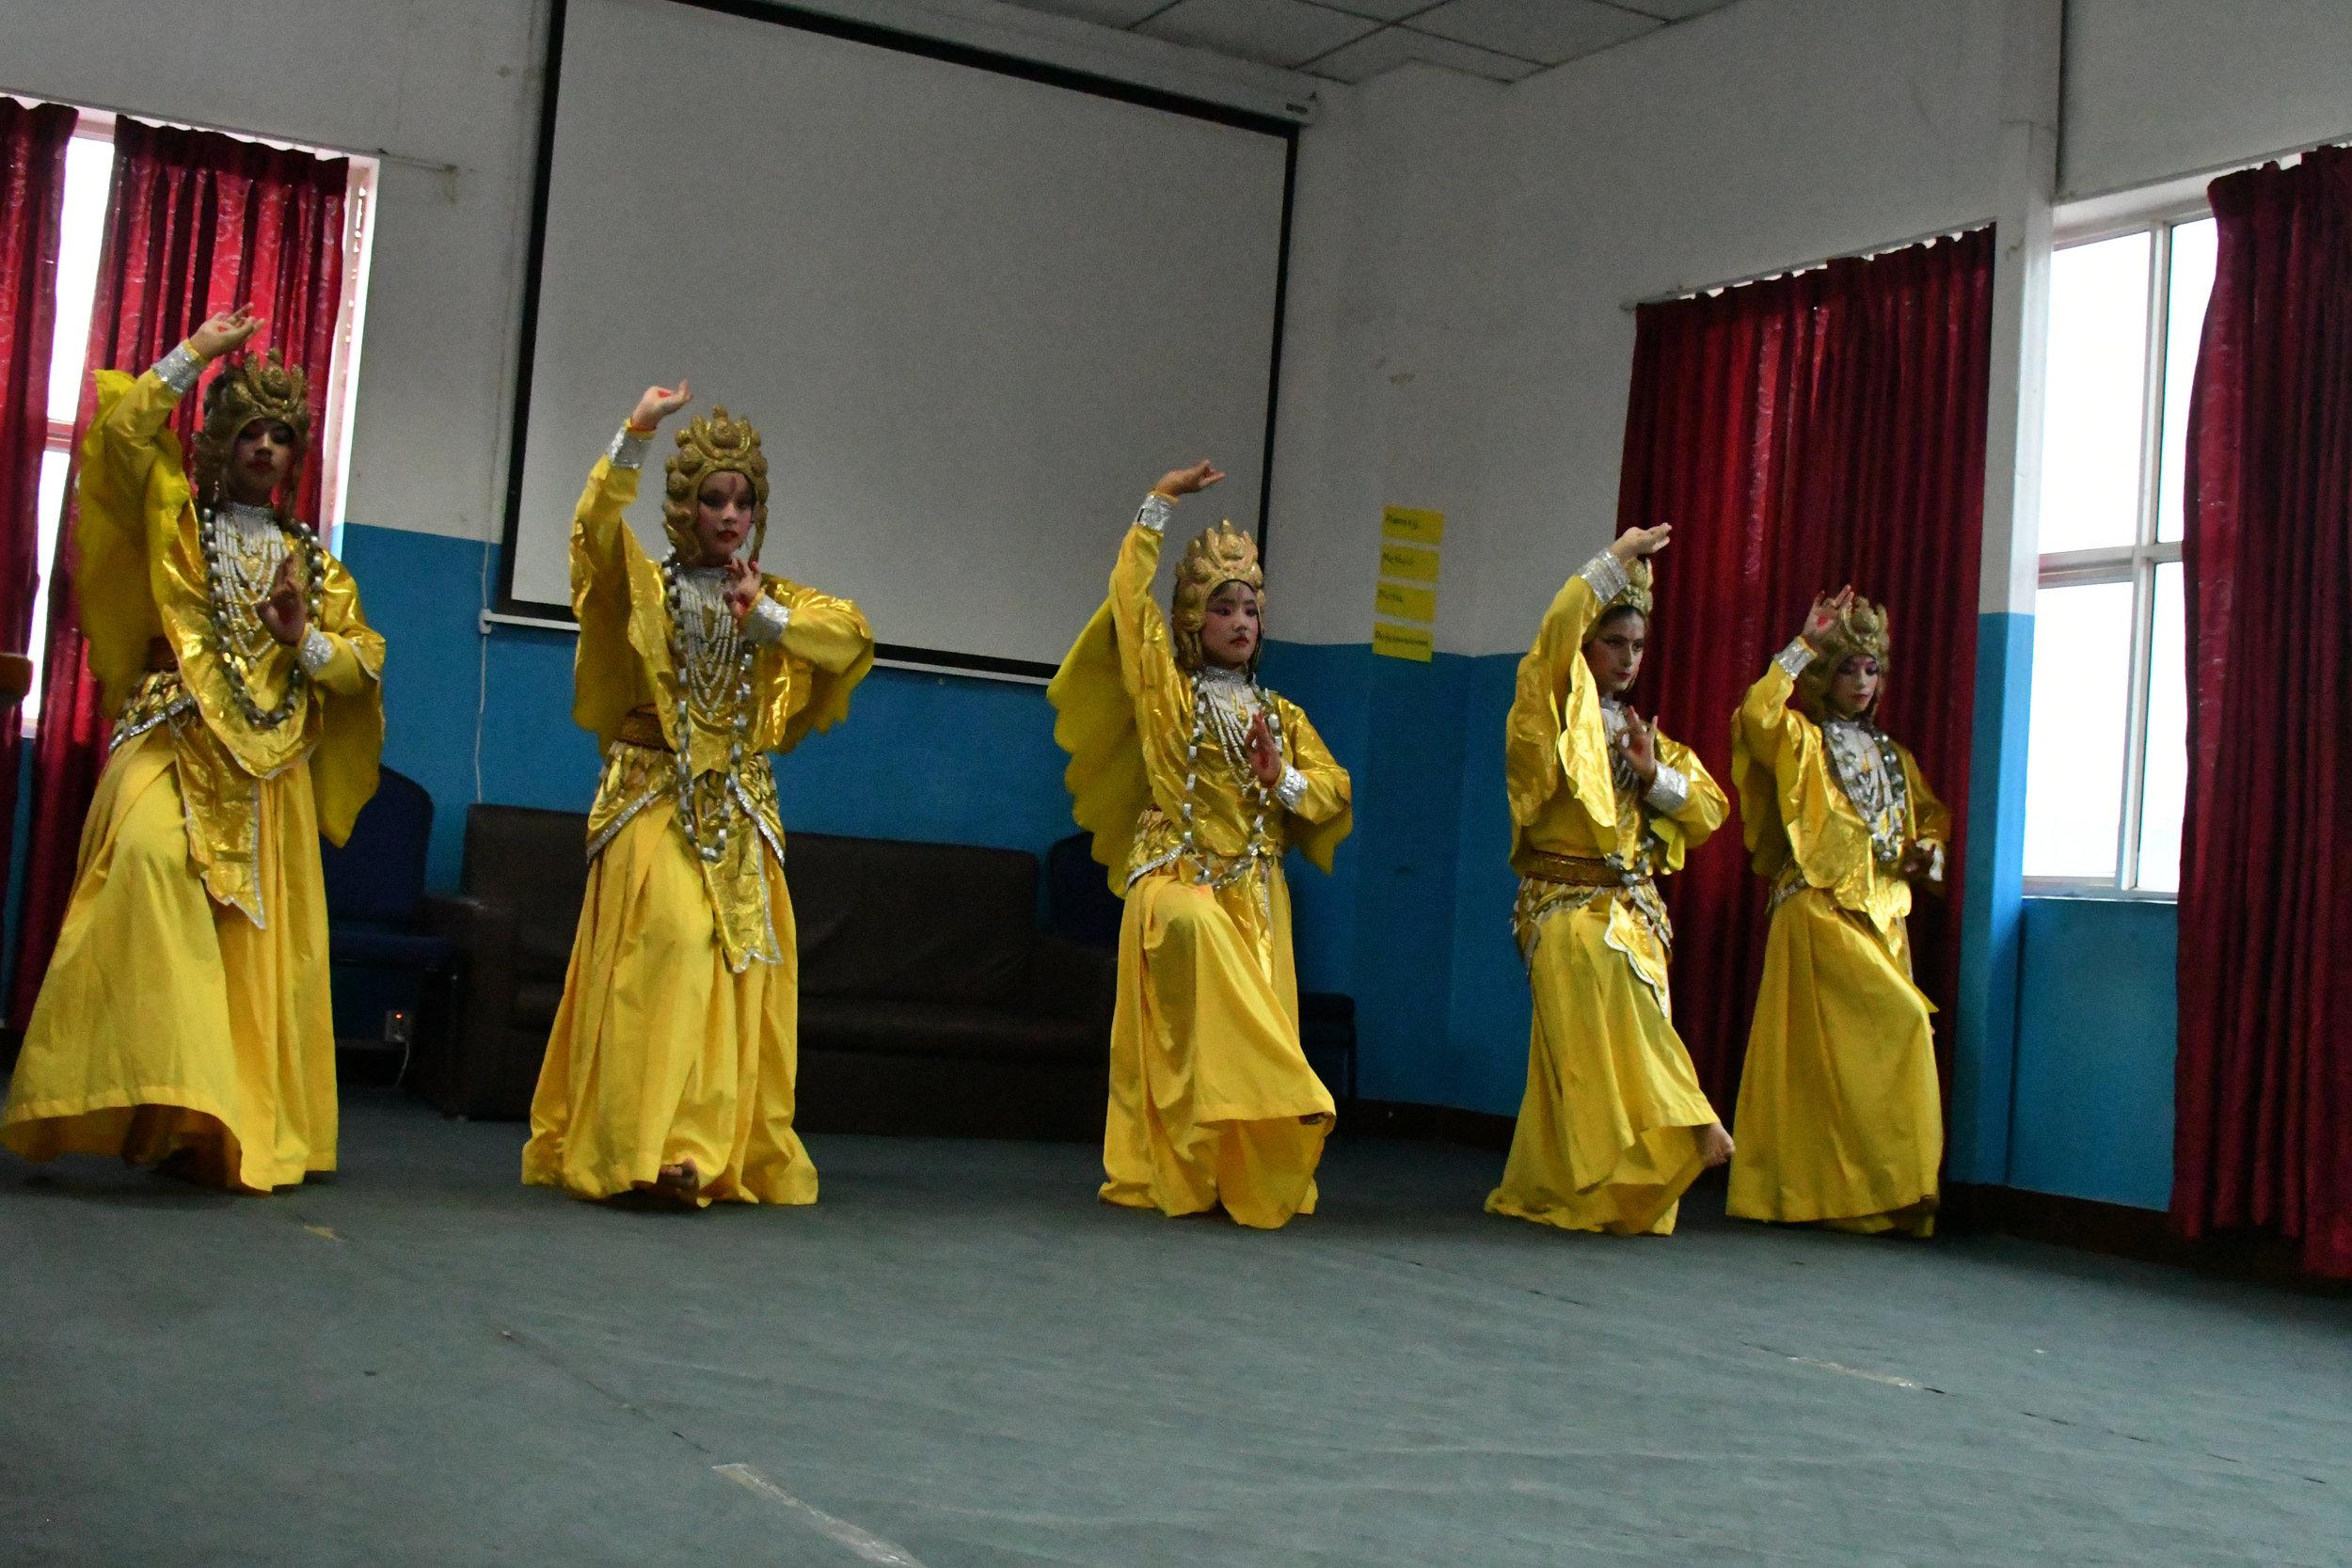 mck nepal 2017 cultural show 1 DSC_4215.jpg